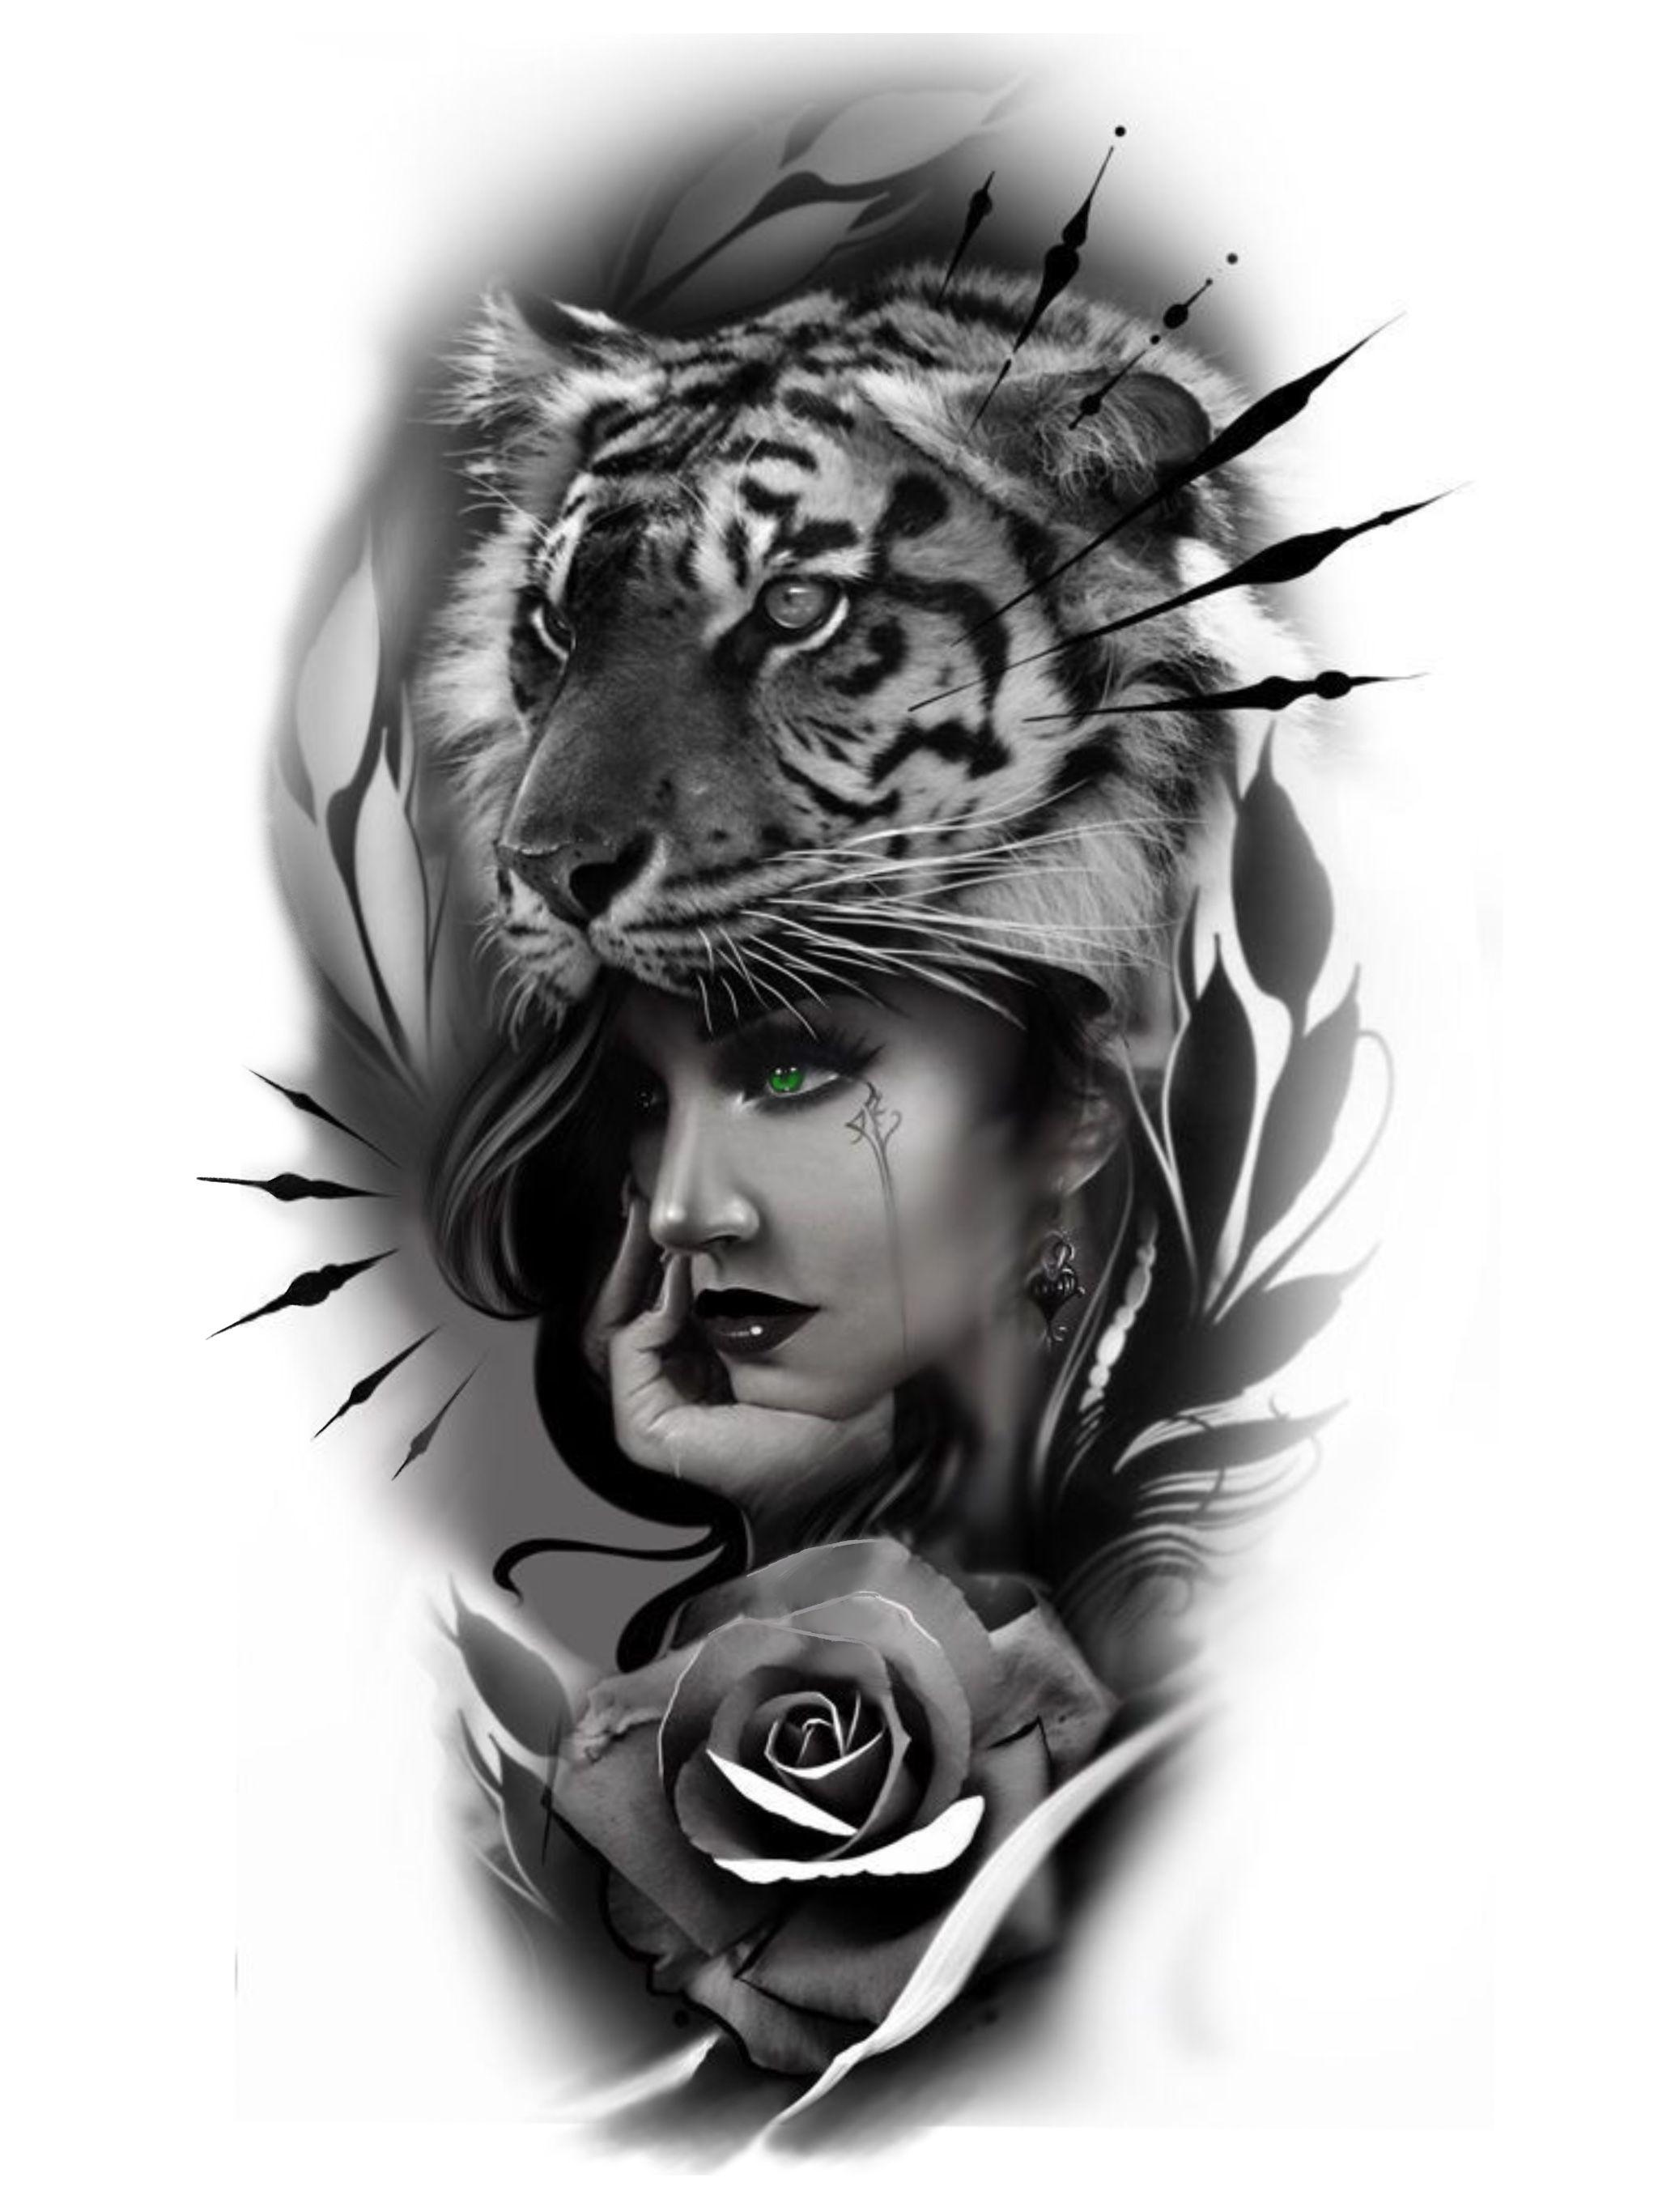 Pin De Golcrist Em Design Tattoo Em 2020 Realismo Em Tatuagem Tatuagens Preto E Cinza Tattoo Preto E Cinza